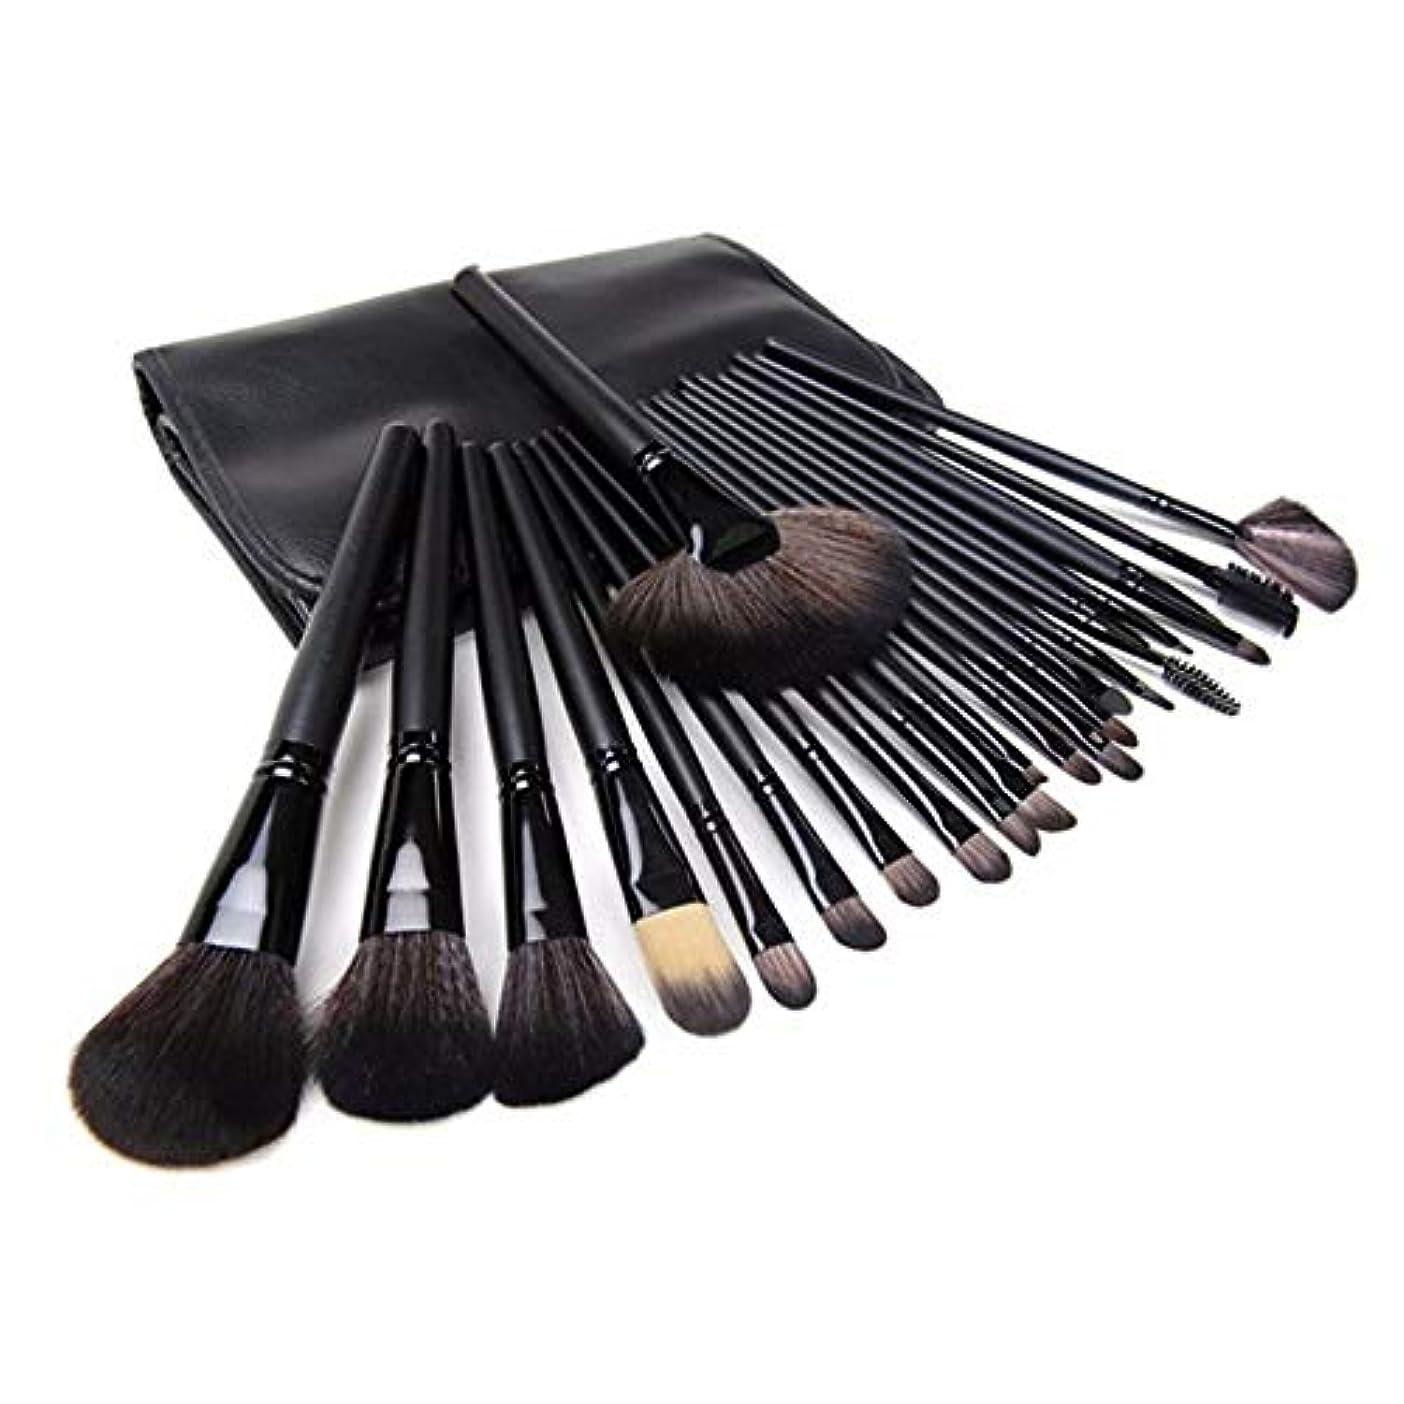 植物学アグネスグレイ比喩Makeup brushes メイクアップバッグ、24ピースメイクアップブラシ完熟セミシンセティックファンデーションブラッシュコンシーラーアイシャドウリップバーム、メイクアップブラシセット suits (Color :...